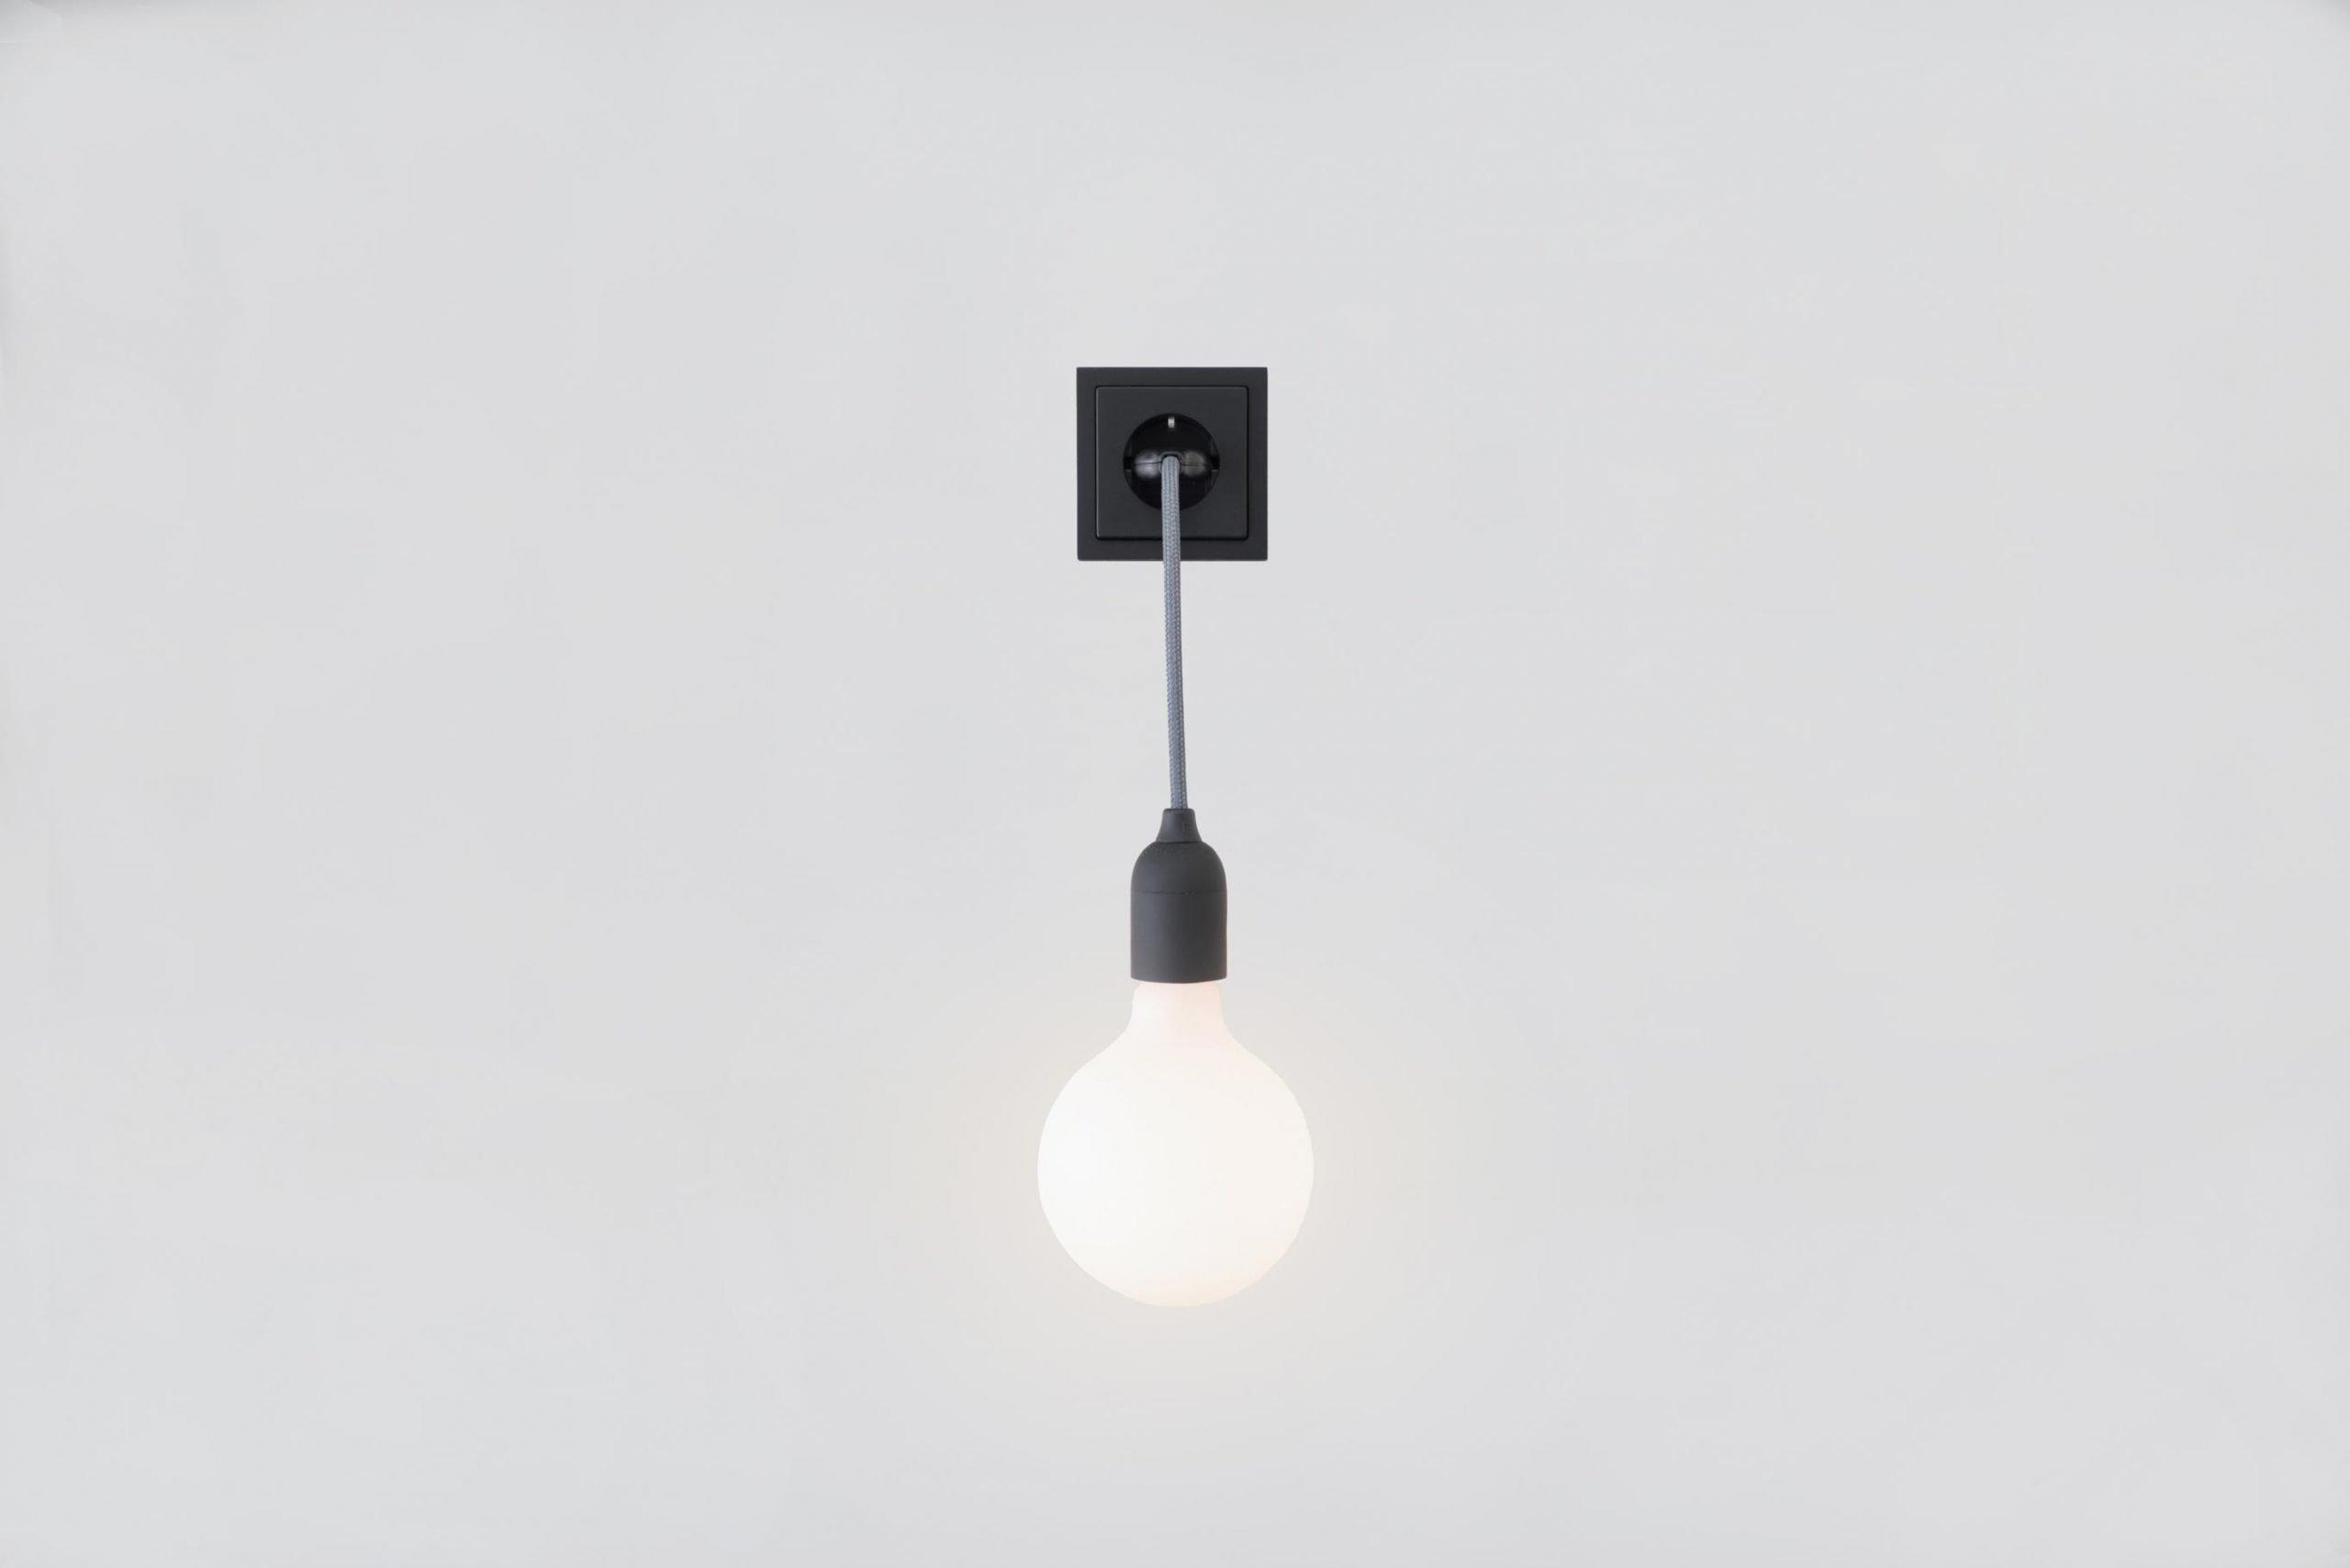 Linus 25 Lampe mit einer LED-Porzellan-Glühlampe